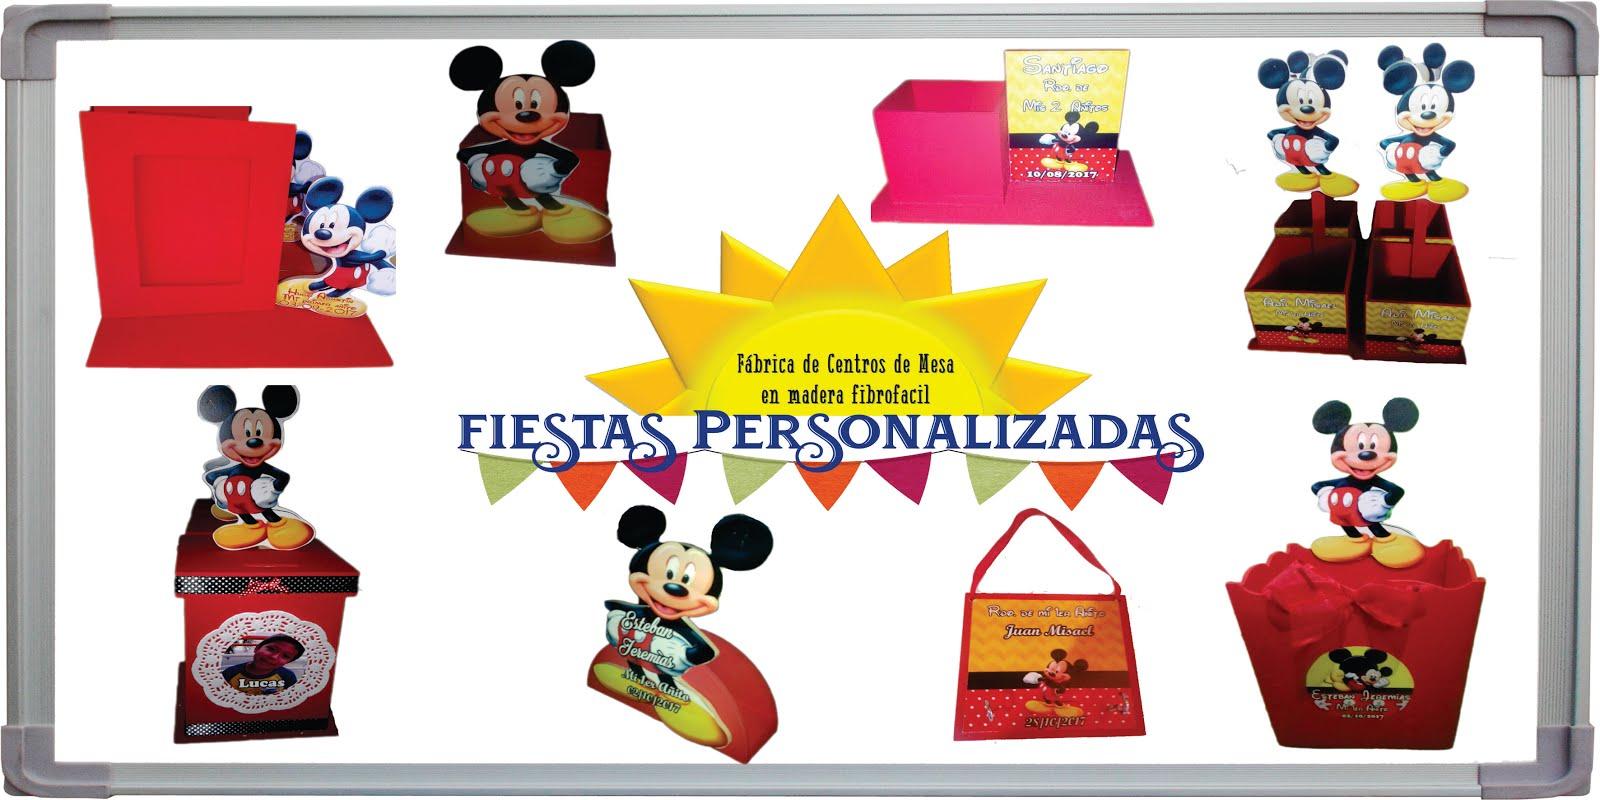 Fiestas Personalizadas